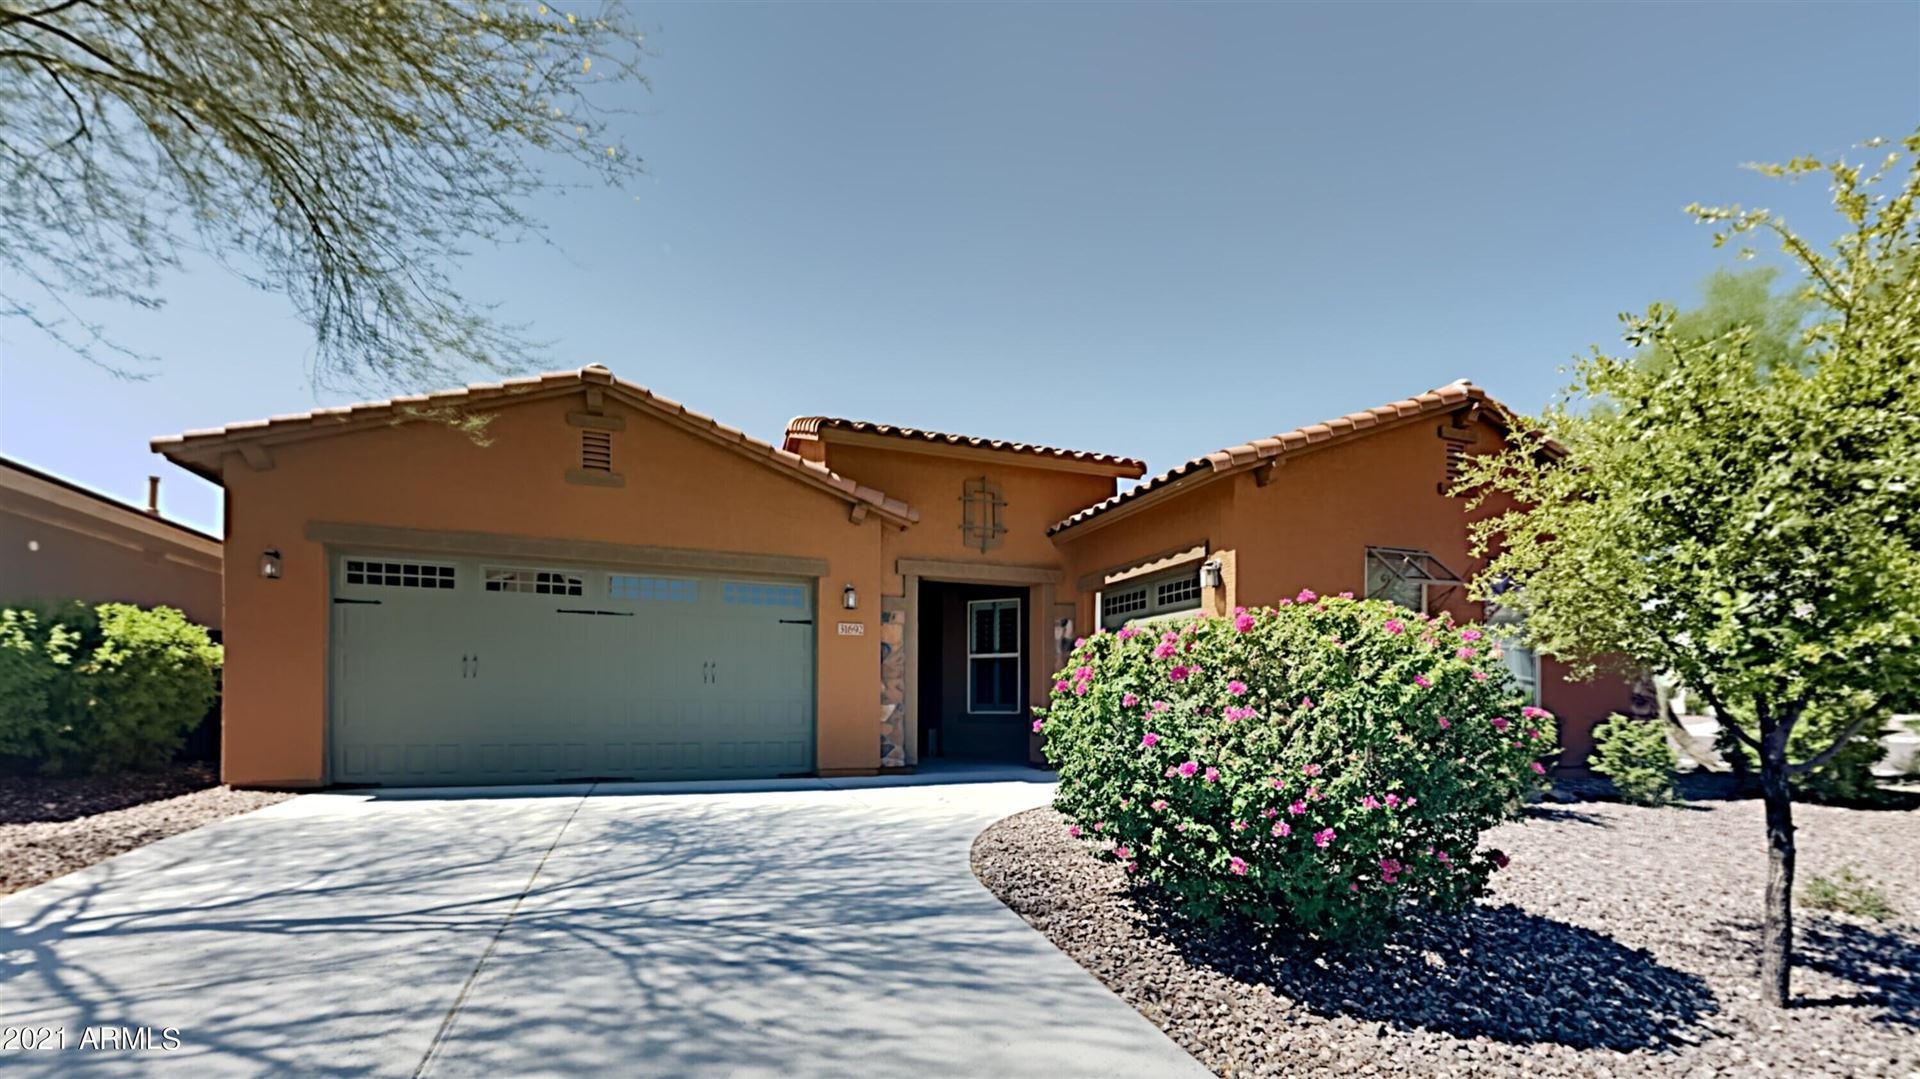 31692 N 131ST Drive, Peoria, AZ 85383 - MLS#: 6263322